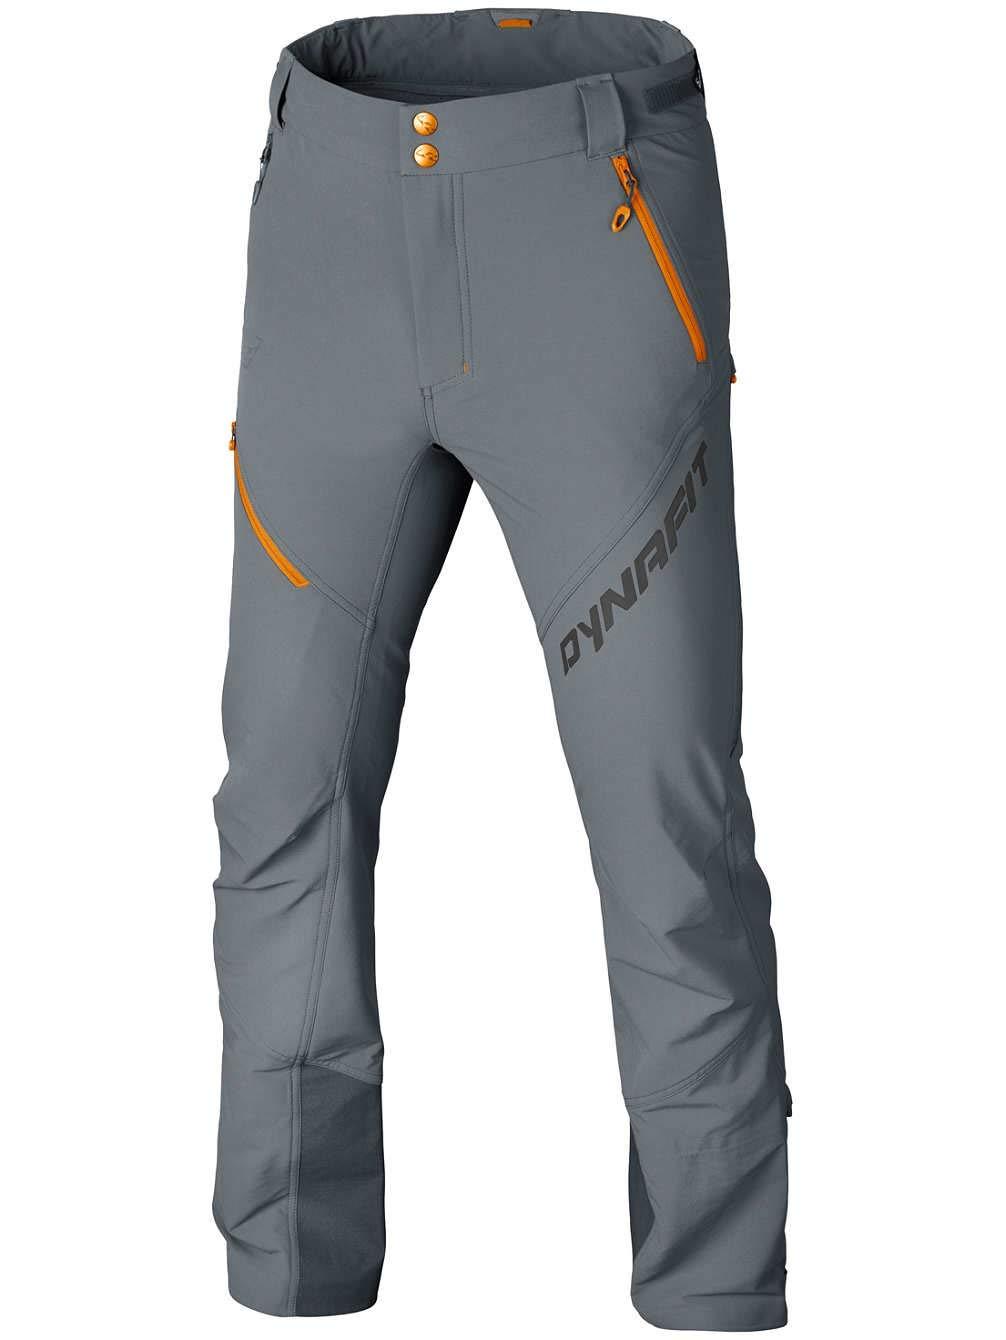 TALLA 46/S. Dynafit Mercury 2 DST Pantalón, Hombre